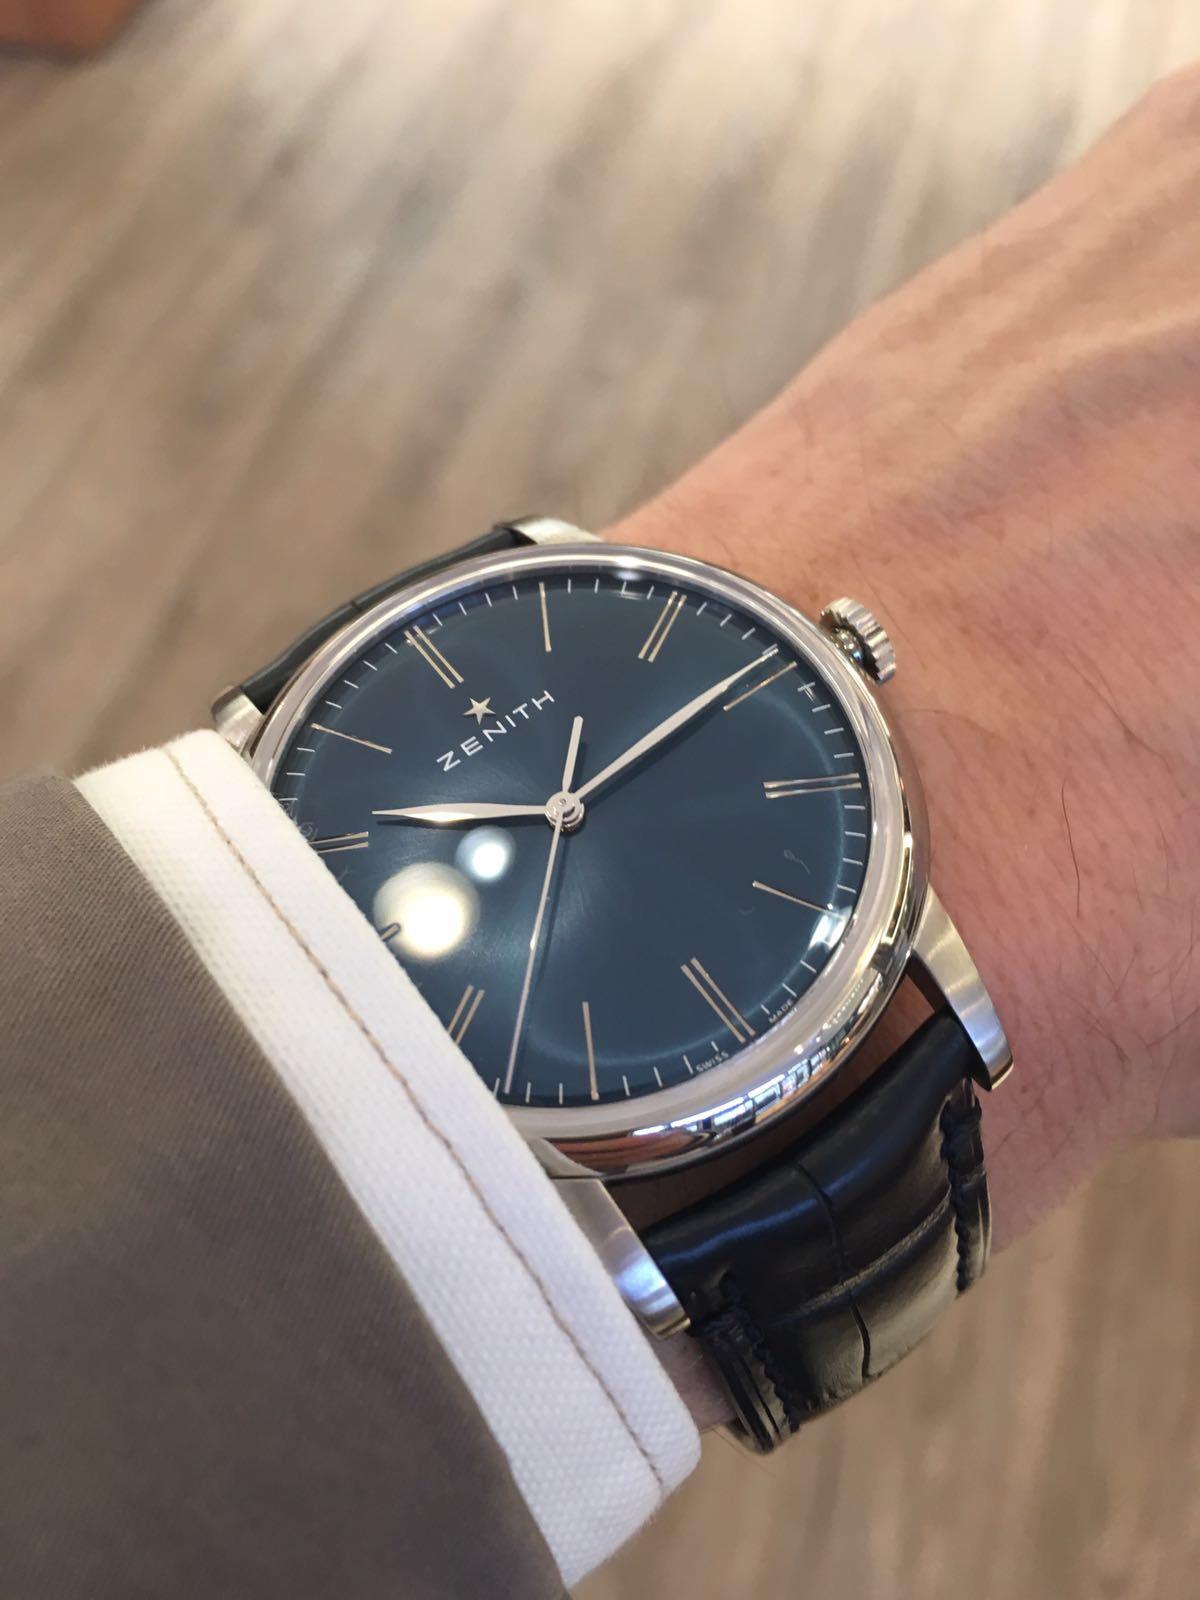 GüNstiger Verkauf Ingersoll Uhrwerk Ohne Zeiger Welle Fehlen Neueste Mode Krone